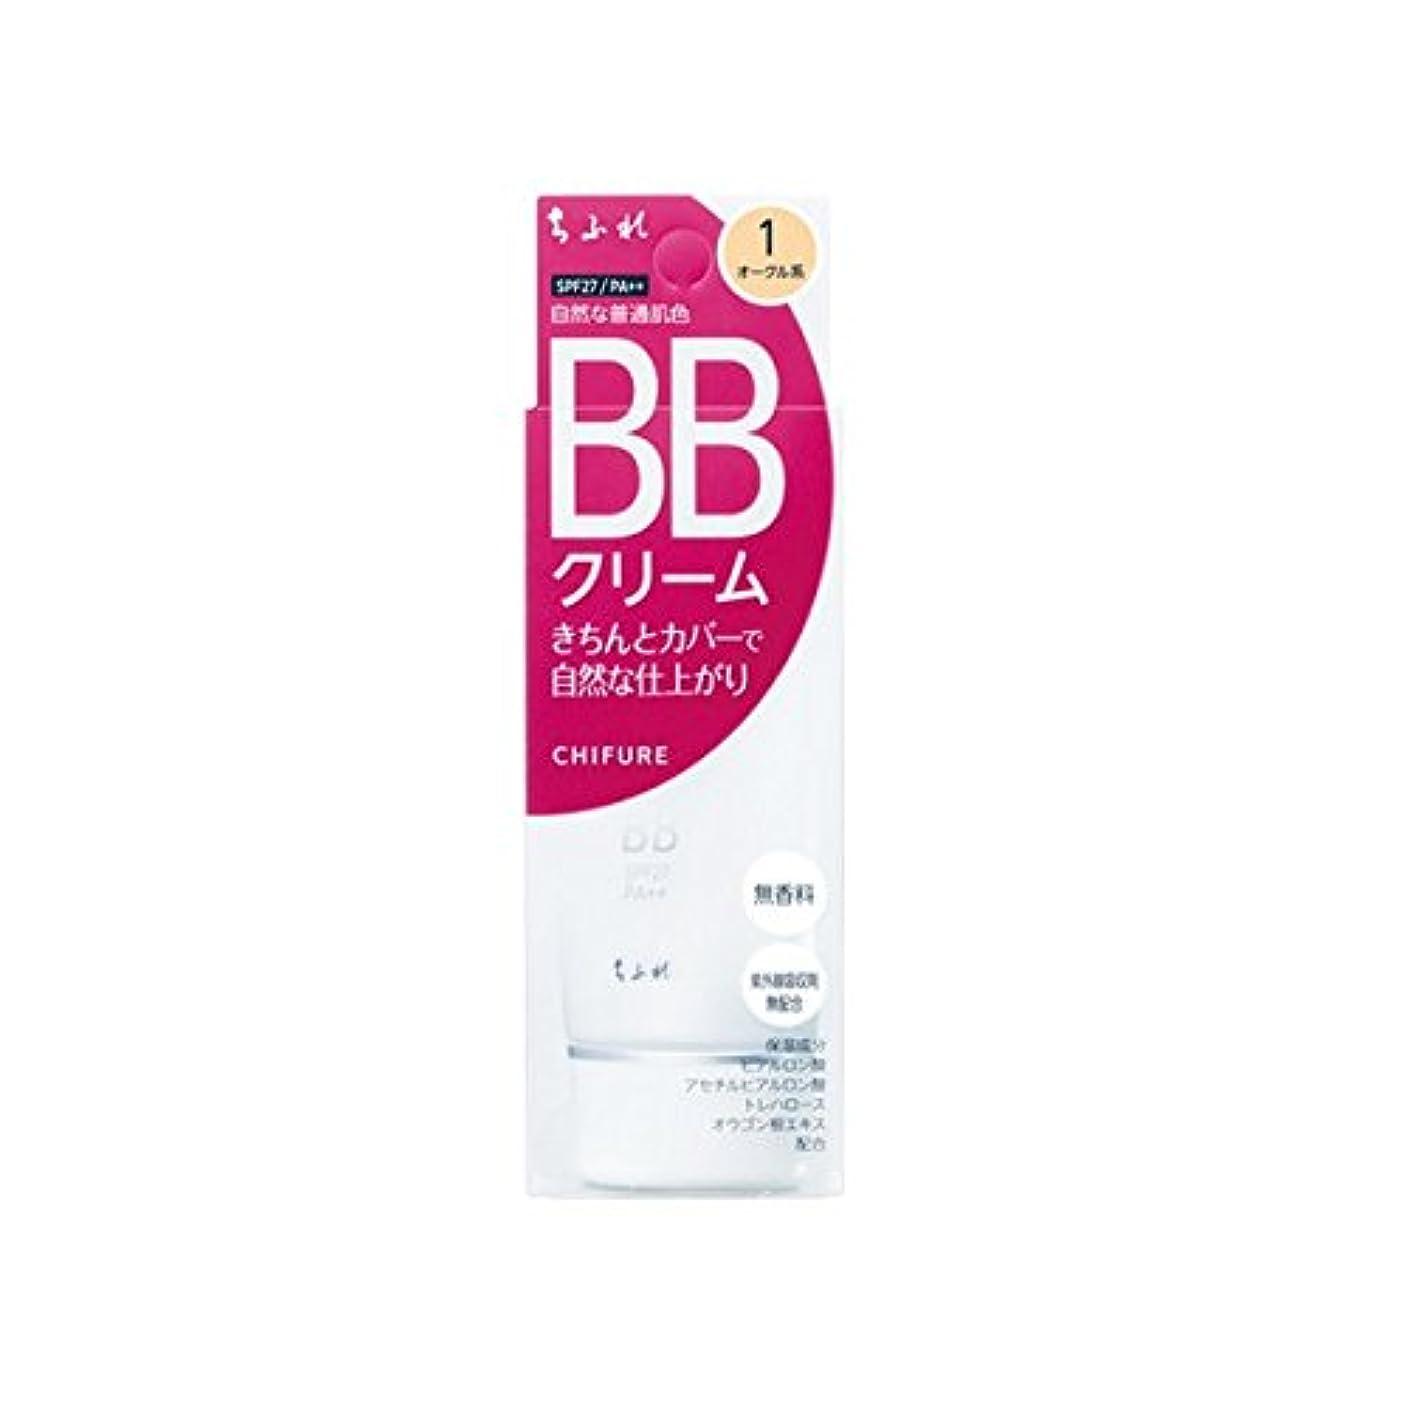 世論調査吸うガロンちふれ化粧品 BB クリーム 1 自然な普通肌色 BBクリーム 1